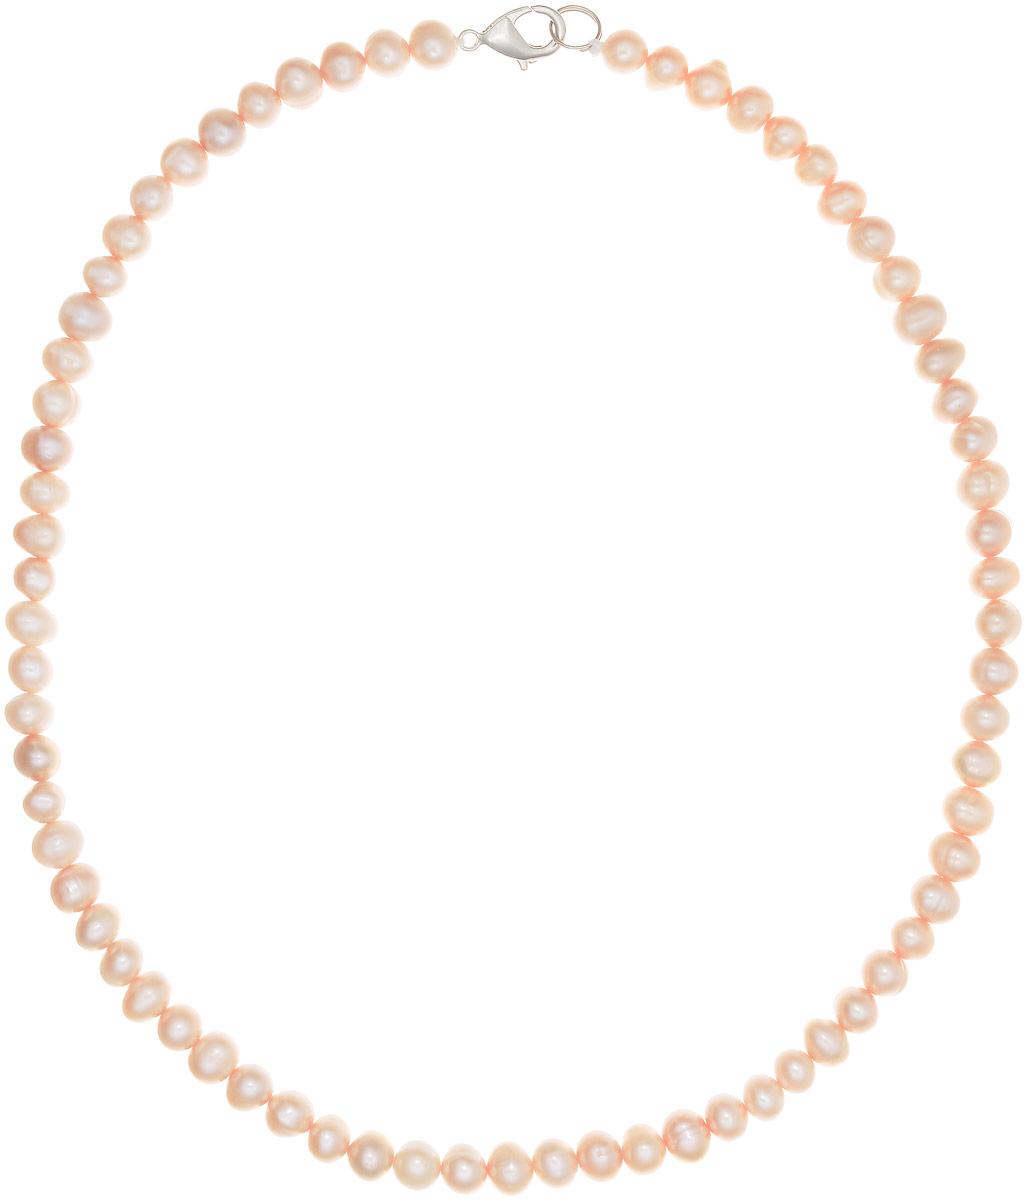 Бусы Art-Silver, цвет: персиковый, длина 45 см. КЖр6-7А+45-440КЖр6-7А+45-440Бусы Art-Silver выполнены из бижутерного сплава и культивированного жемчуга. Изделие оснащено удобным замком-карабином.